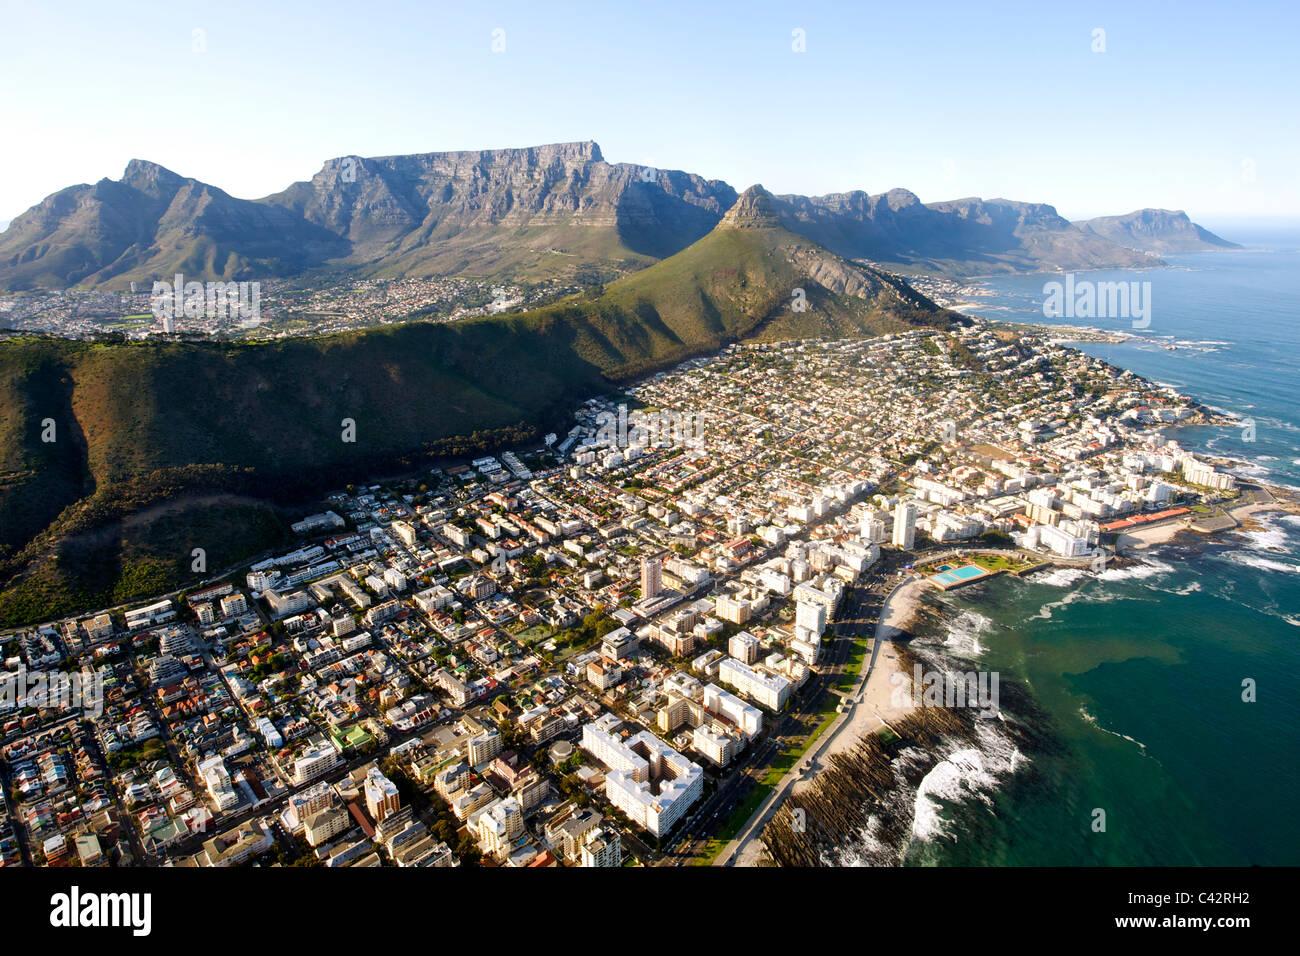 Luftaufnahme der Kapstadt Vororte von Sea Point, Fresnaye und Bantry Bay mit dem Tafelberg im Hintergrund sichtbar. Stockbild